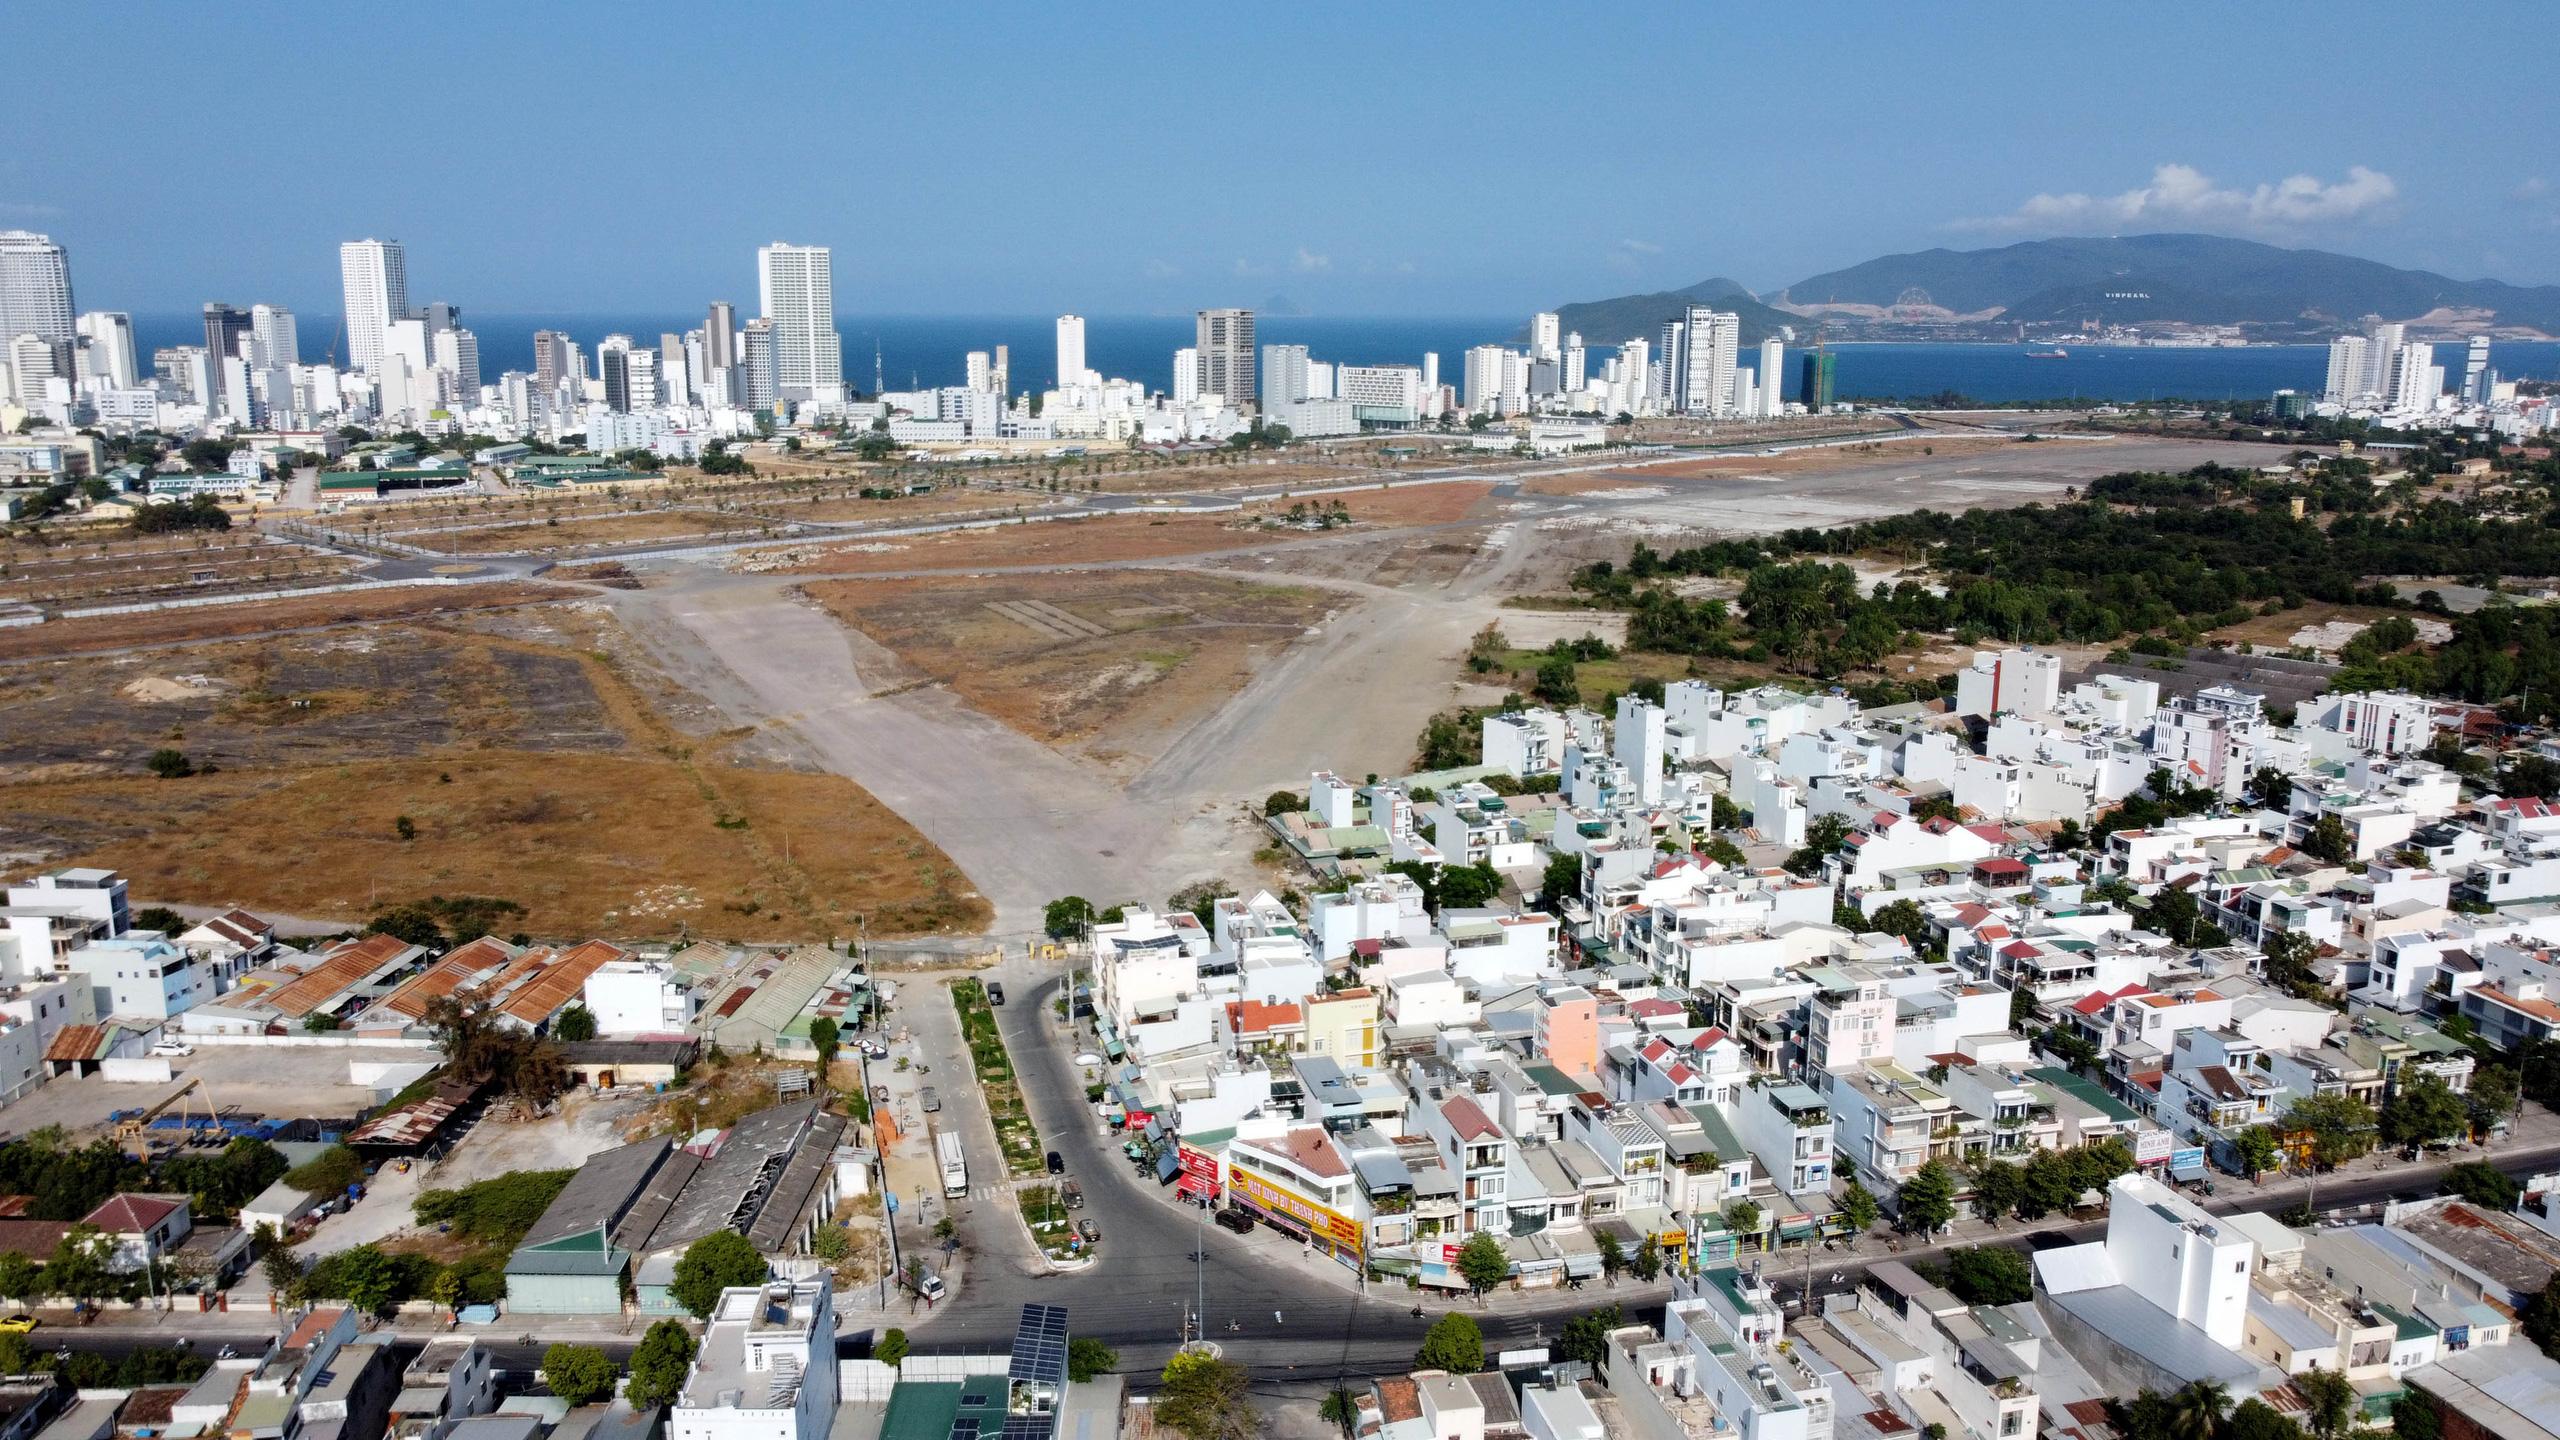 Cận cảnh khu đất sân bay Nha Trang cũ chuẩn bị đấu giá đất - Ảnh 2.